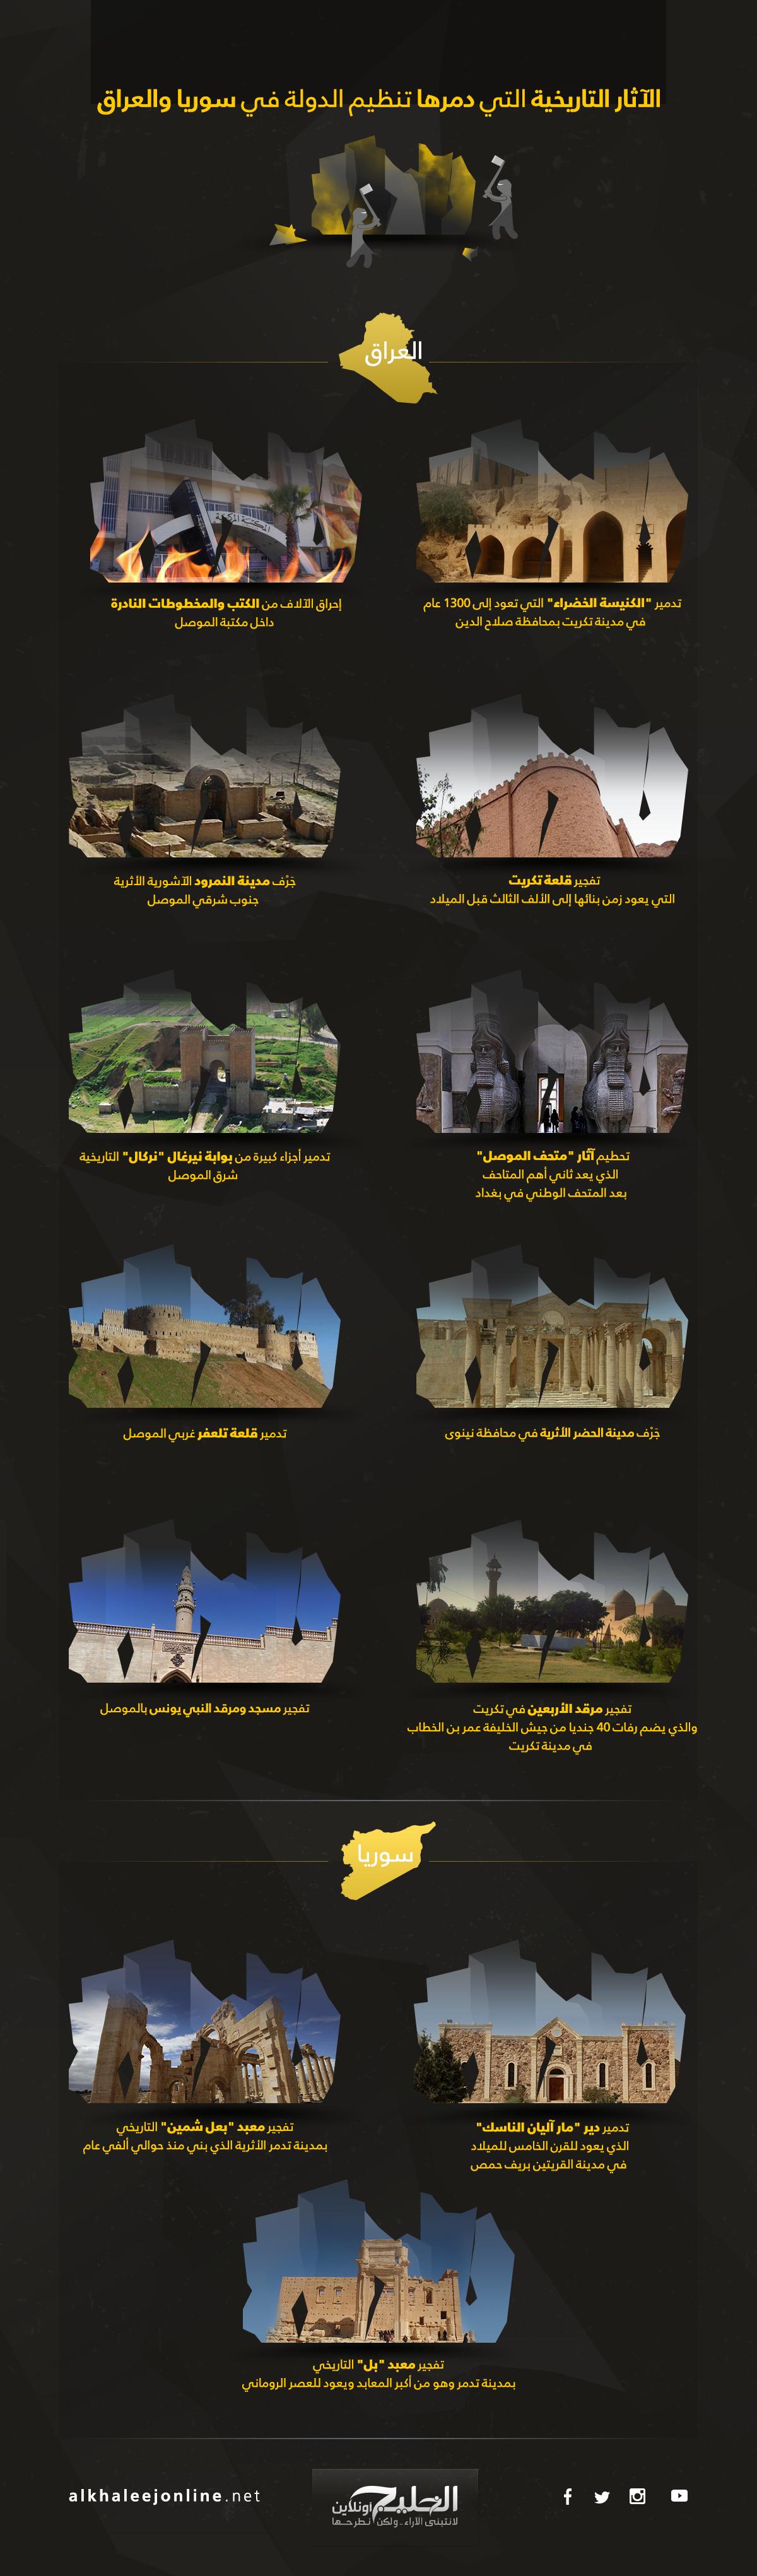 الاثار-التي-دمرها-داعش